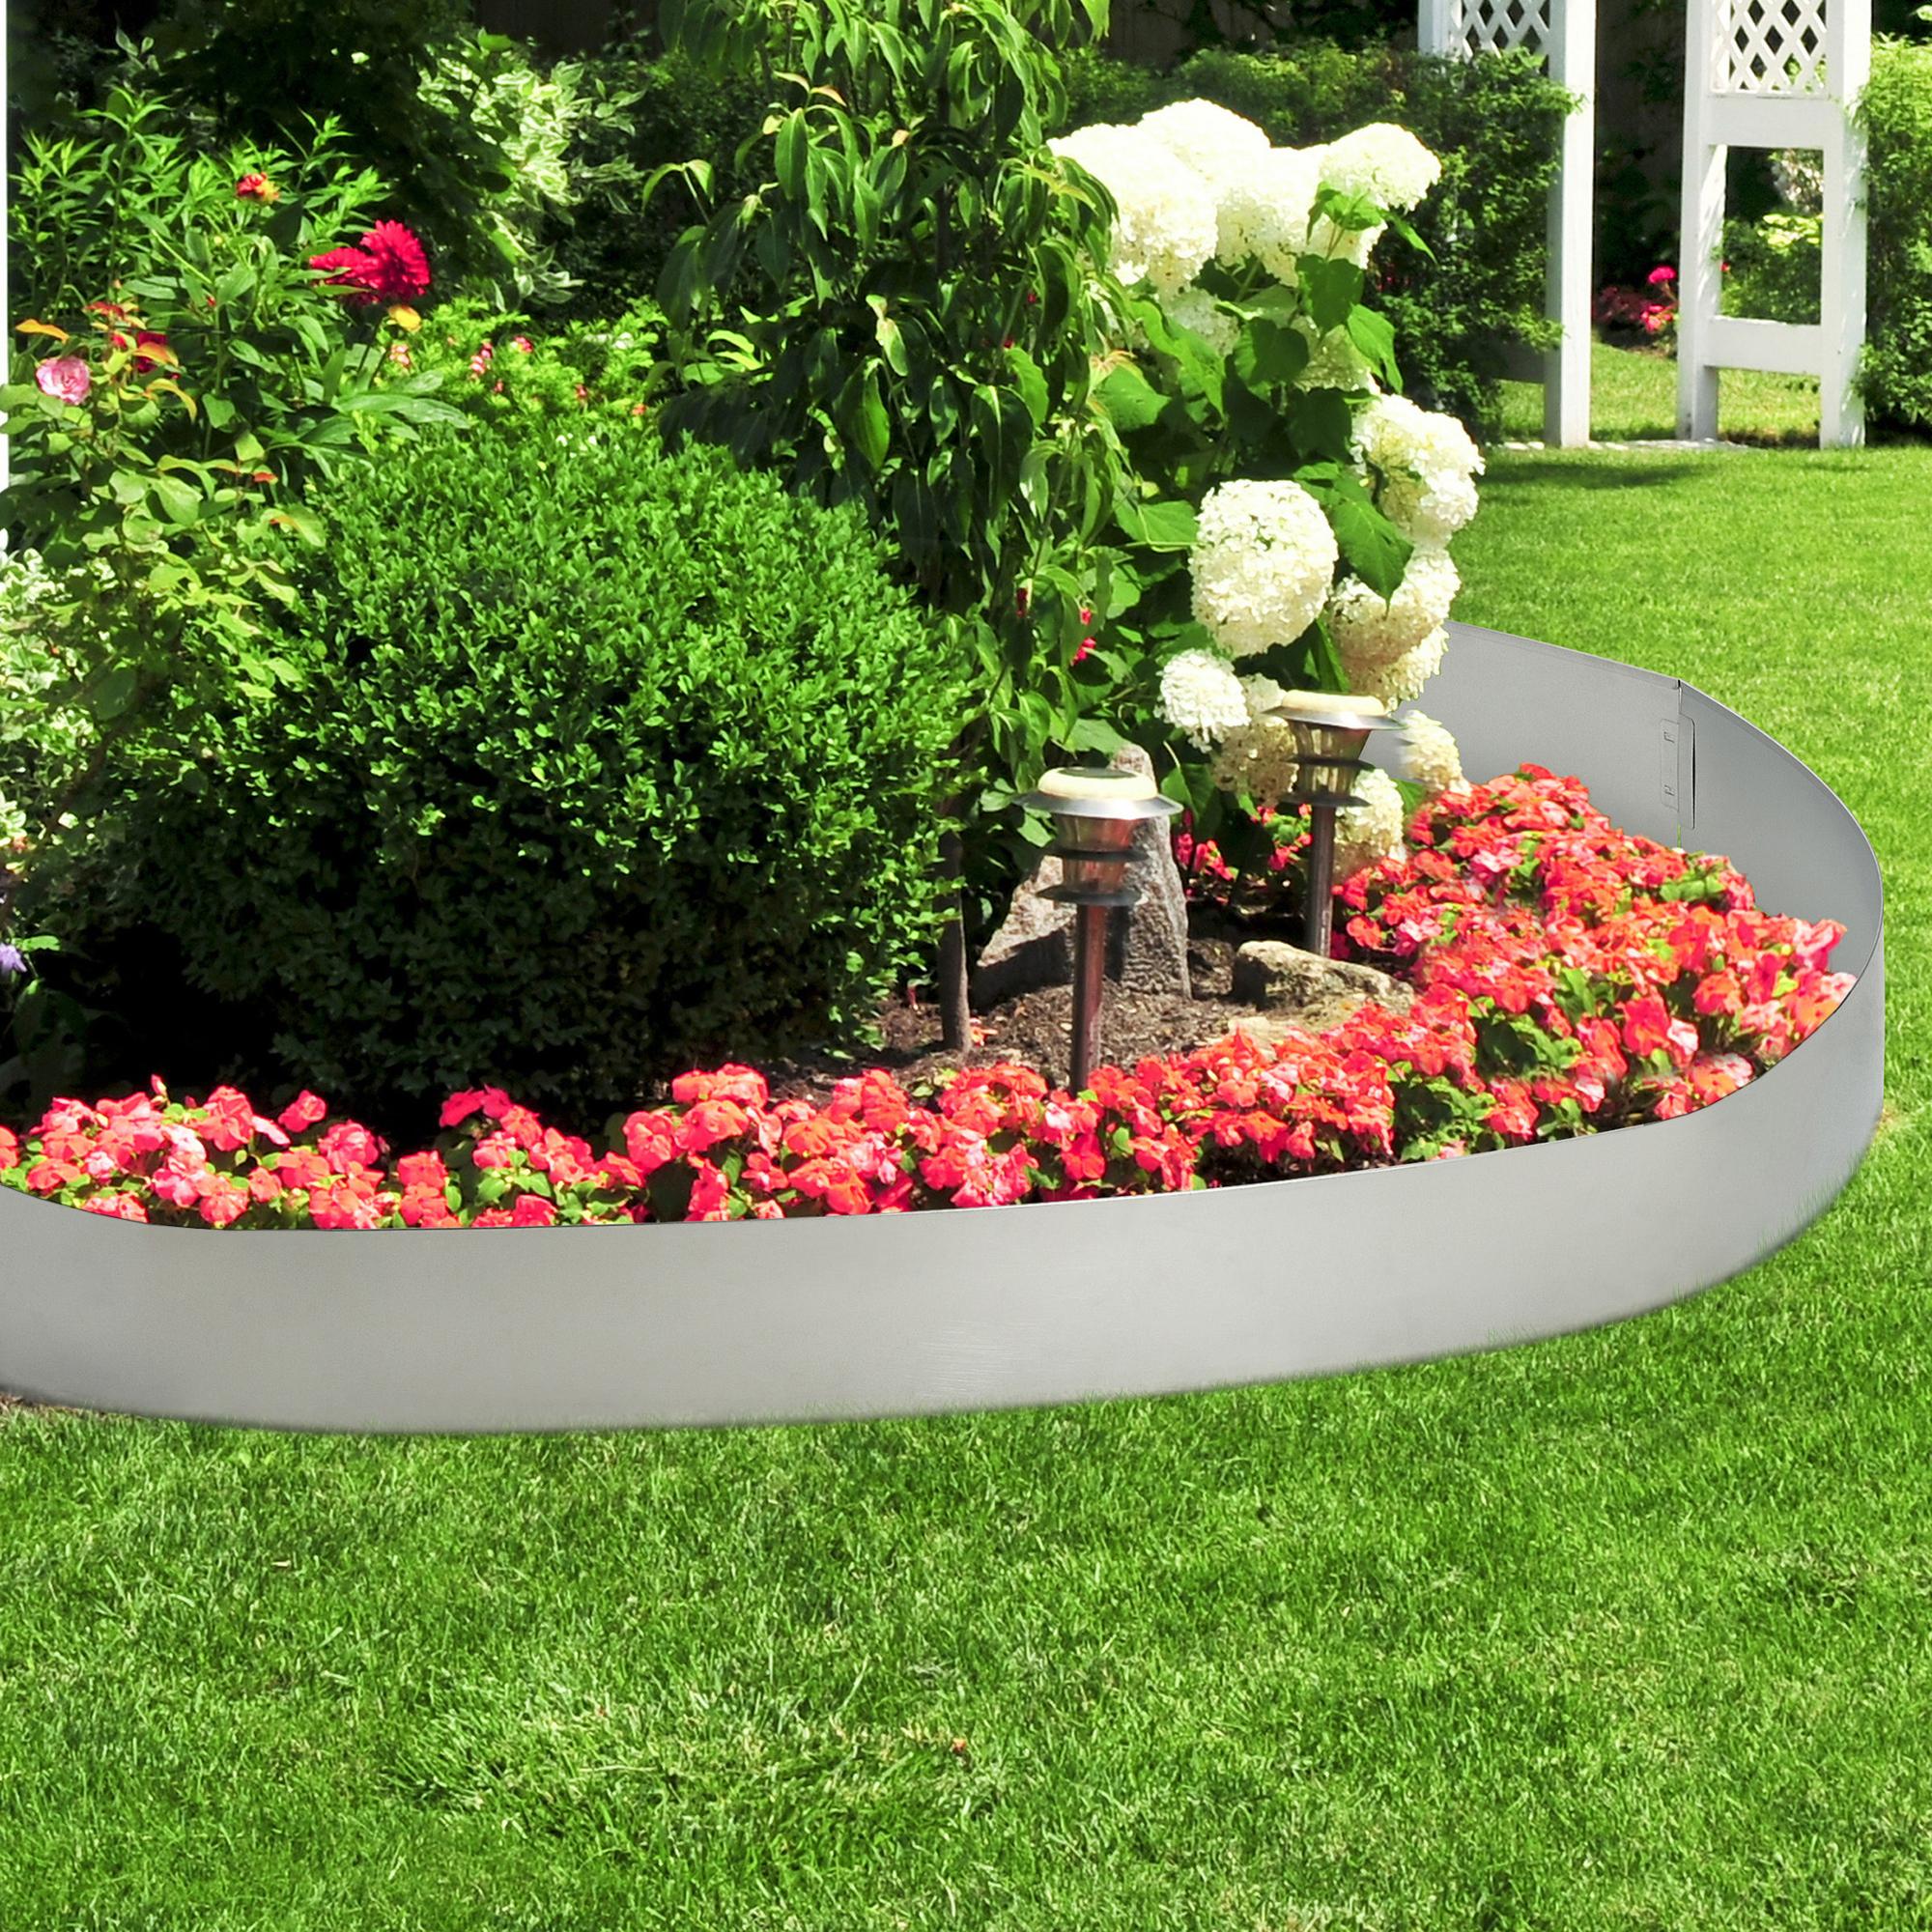 Détails Sur [Casa.pro]® Bordure Pour Jardin Acier Galvanisé Barrière 500 Cm  Kit De 5 à Bordure De Jardin En Acier Galvanisé